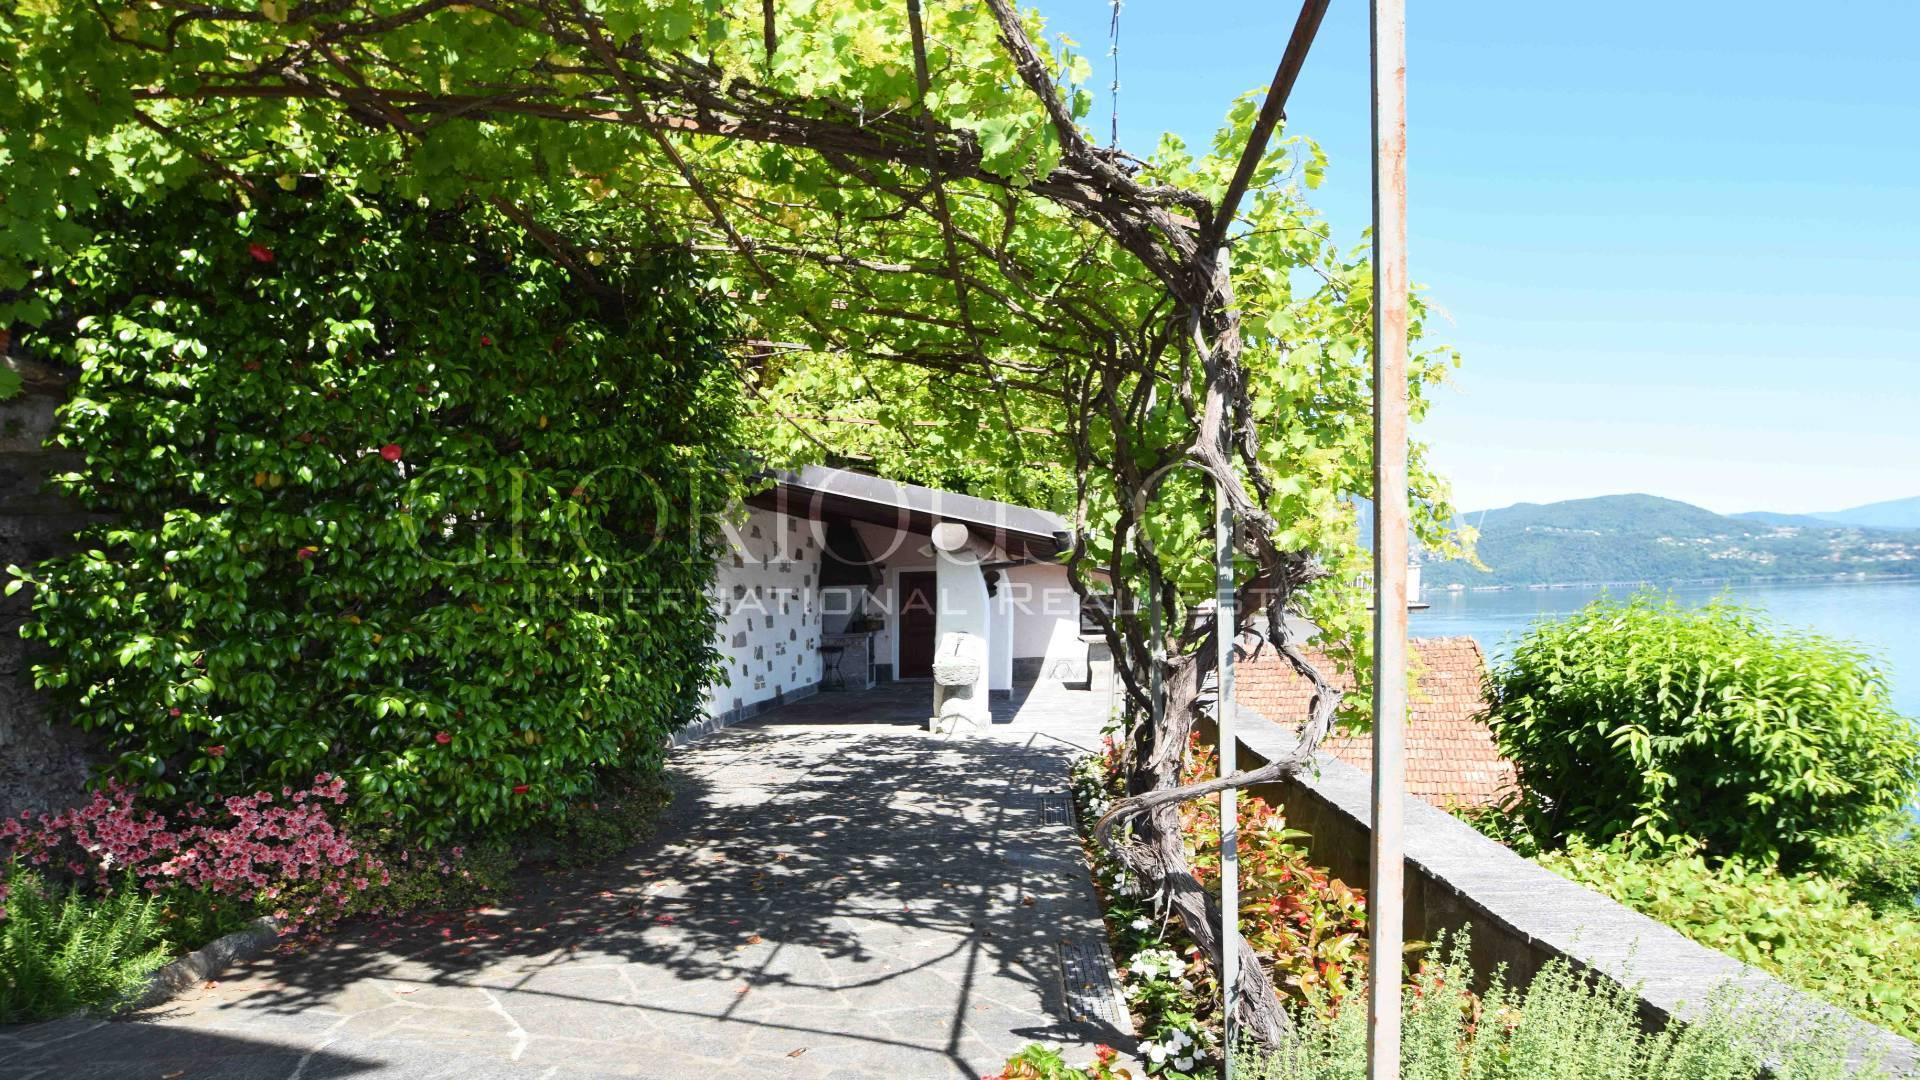 Villa in Vendita a Cannero Riviera: 5 locali, 310 mq - Foto 15